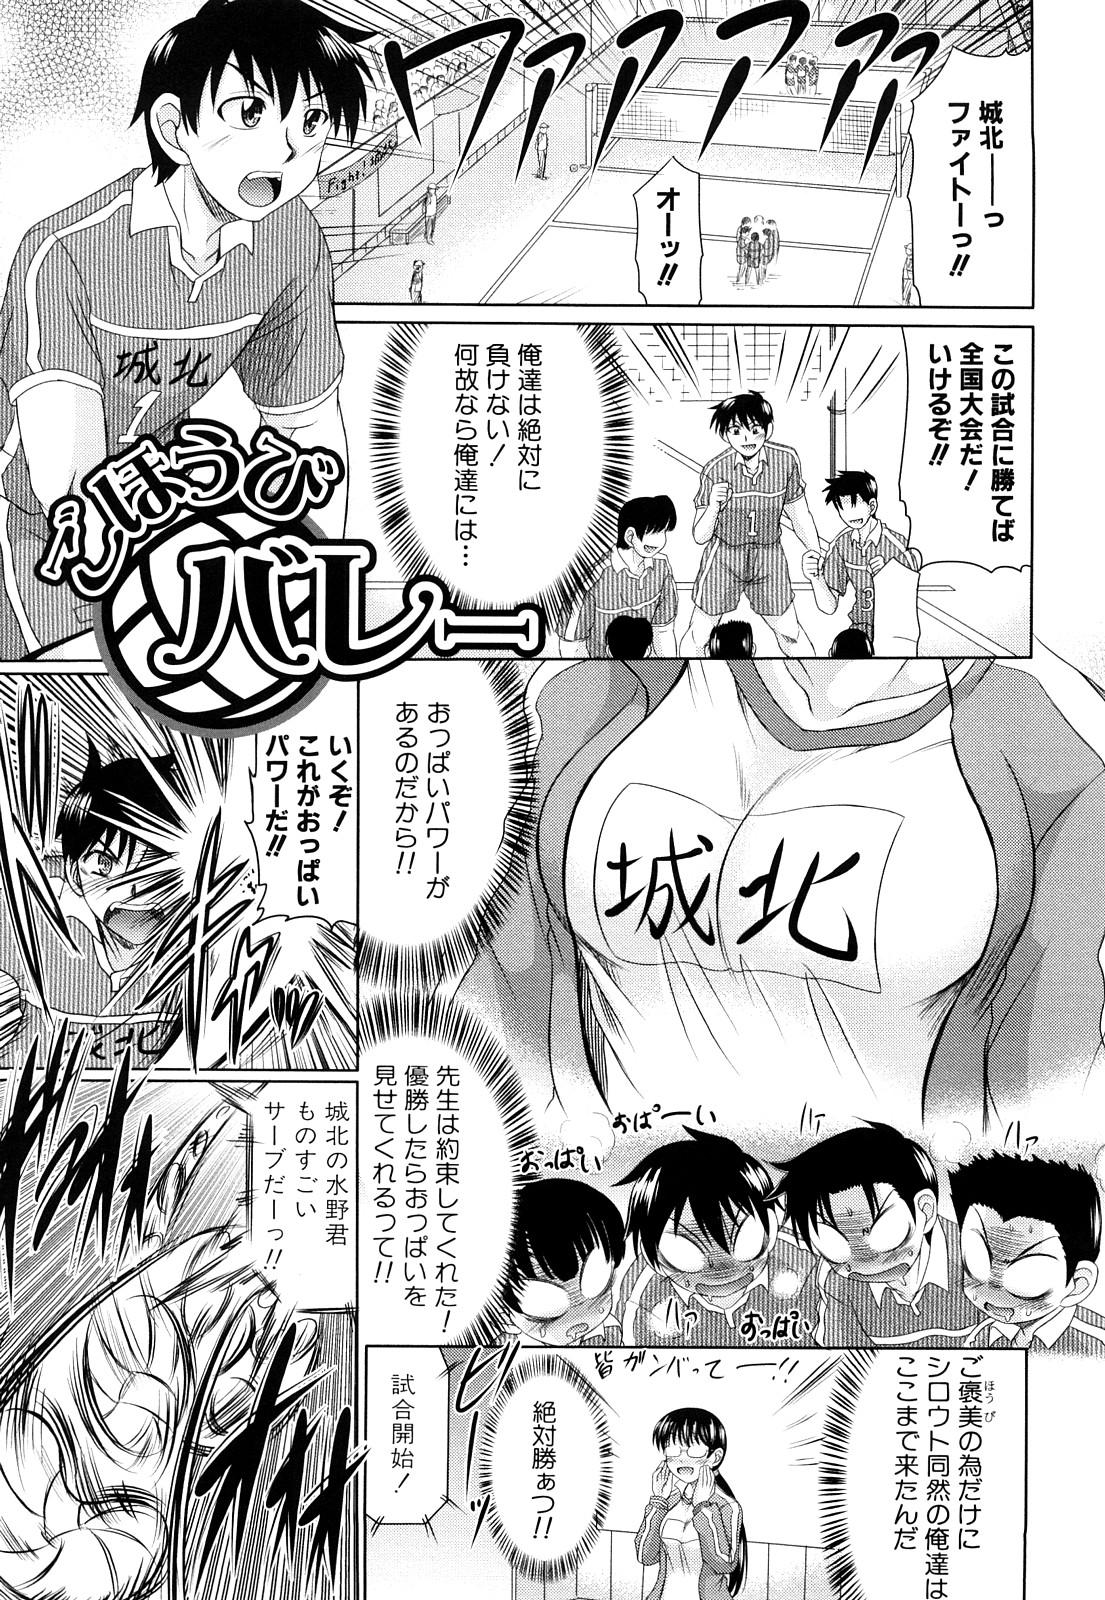 Nikuyoku Analyze 167